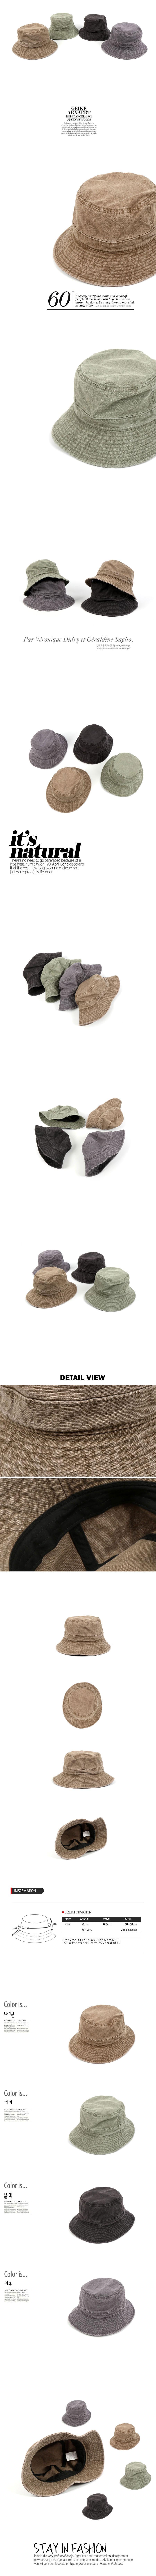 캔버스워싱 벙거지모자CH1490208 - 익스트리모, 21,160원, 모자, 버킷햇